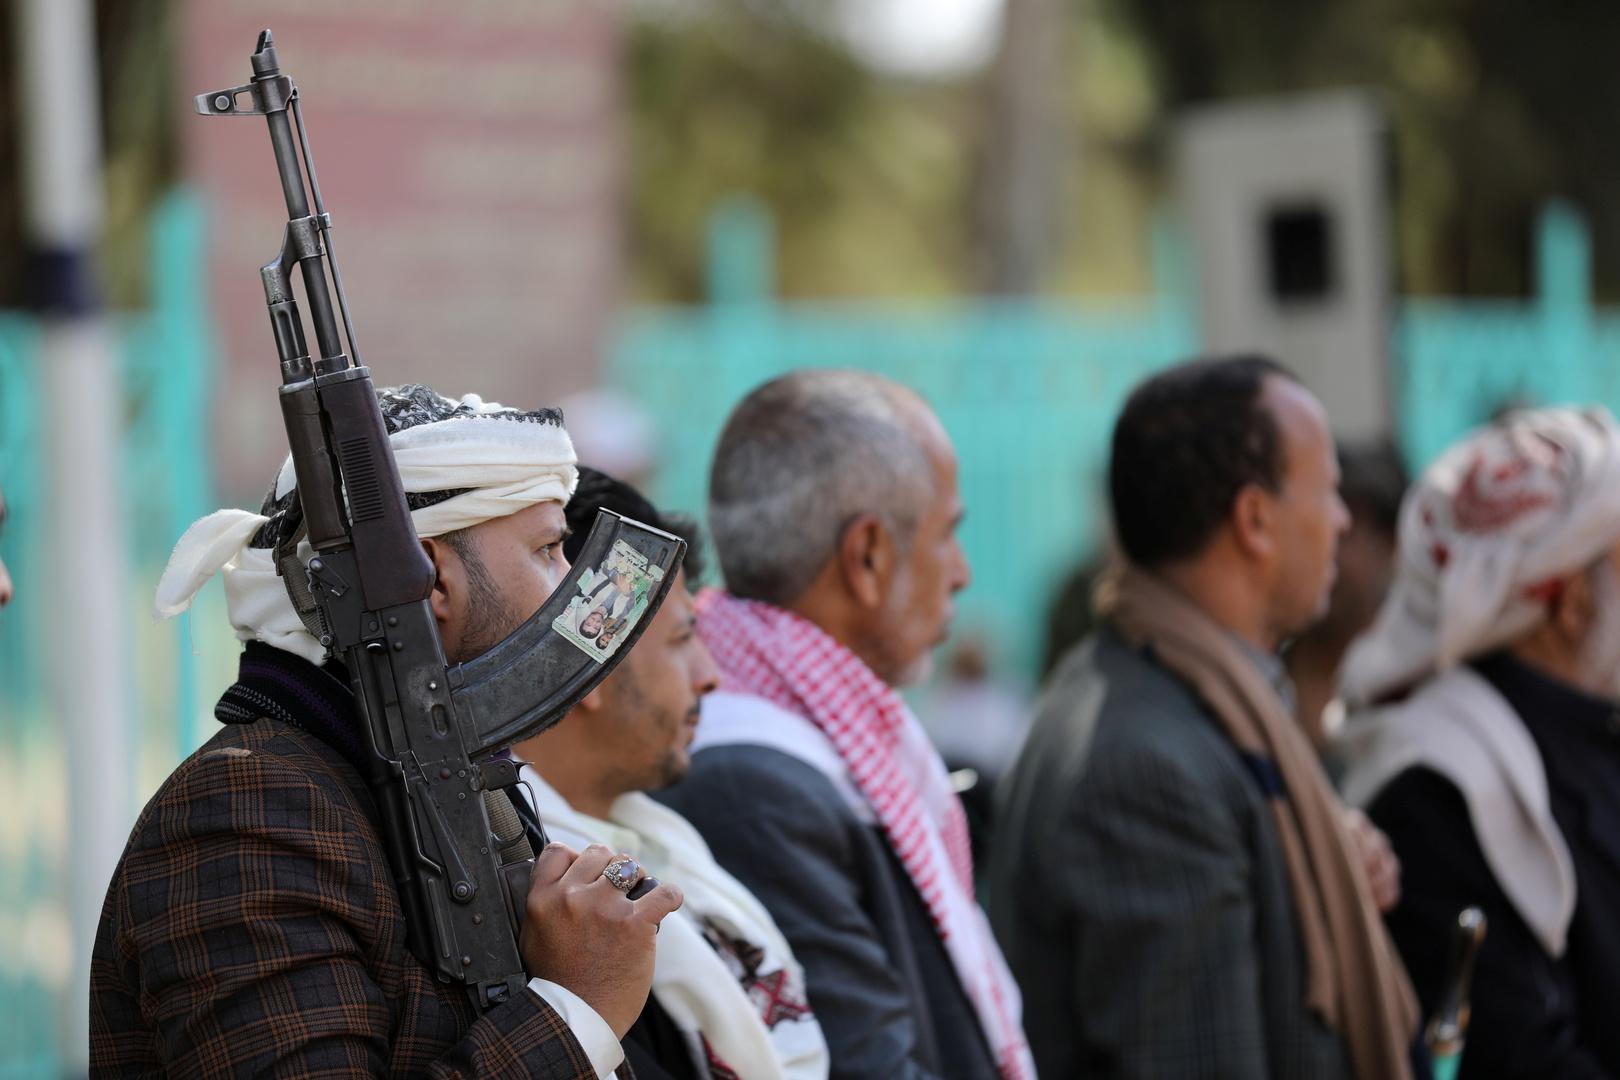 اليمن.. الحوثيون يعلنون عن عملية تبادل للأسرى في محافظة مأرب